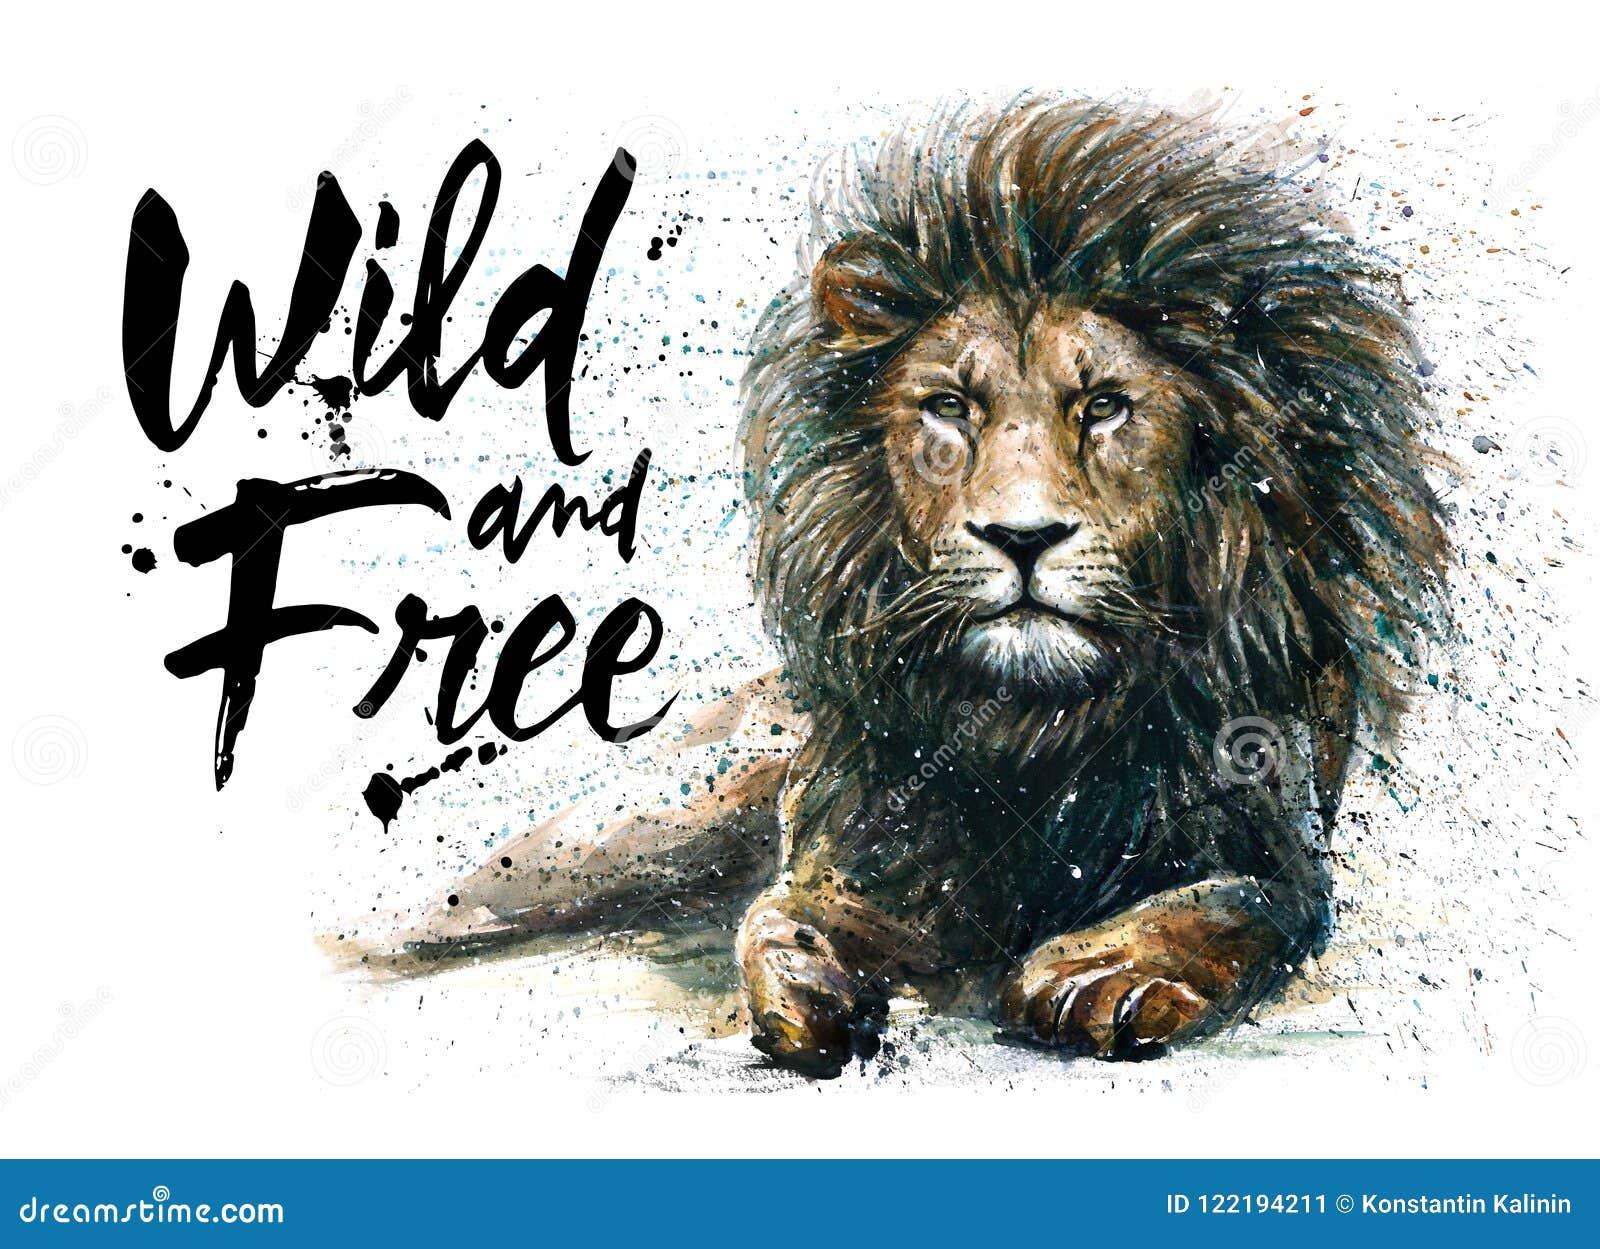 Löwe-König, Aquarellmalerei, Fleischfresser von Tieren, Malerei der wild lebenden Tiere